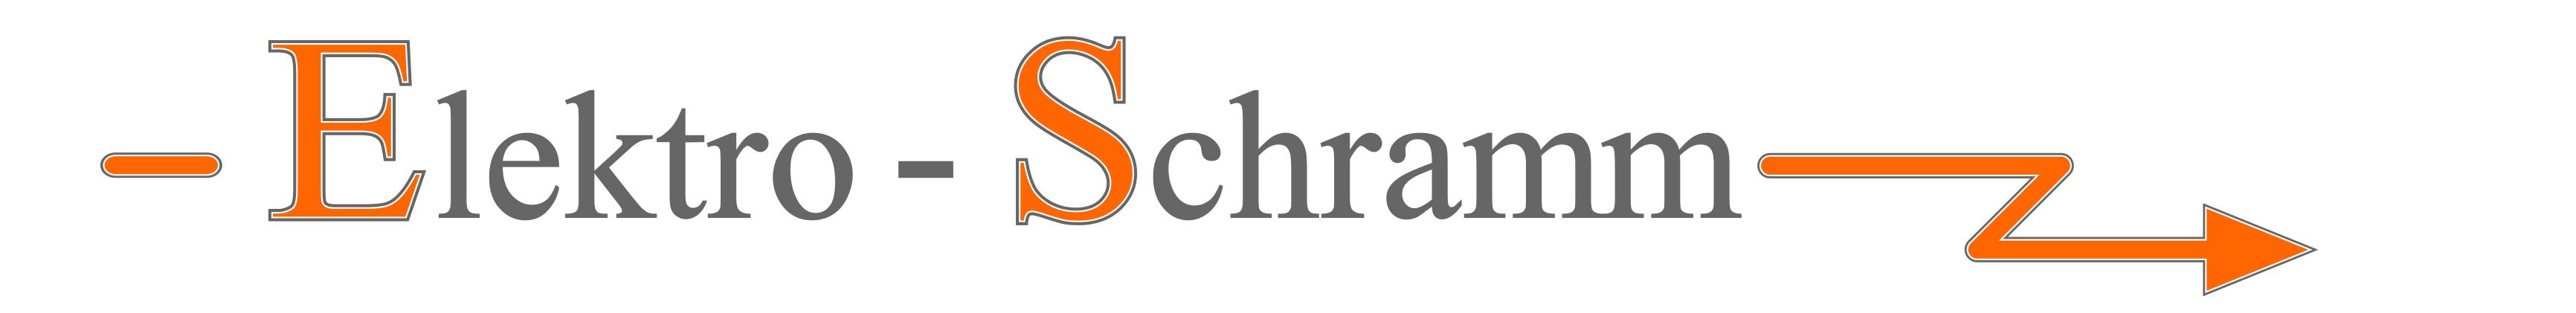 Elektro-Schramm GmbH & Co. KG